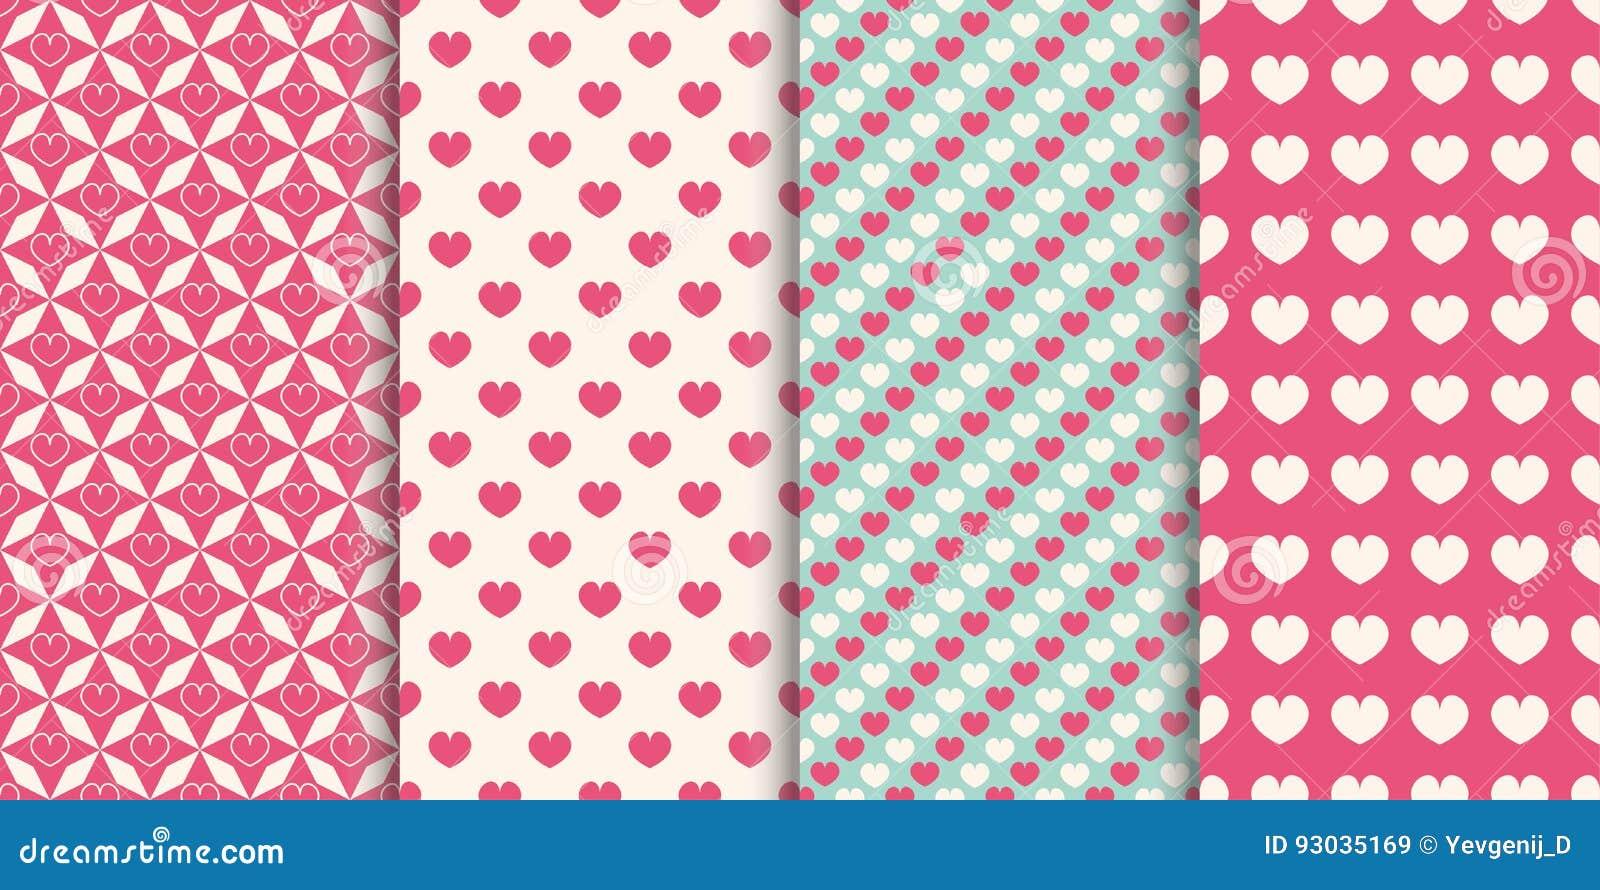 Fondo inconsútil del modelo del corazón El sistema de diversos modelos para la envoltura, día de fiesta imprime, wallpaper, libro